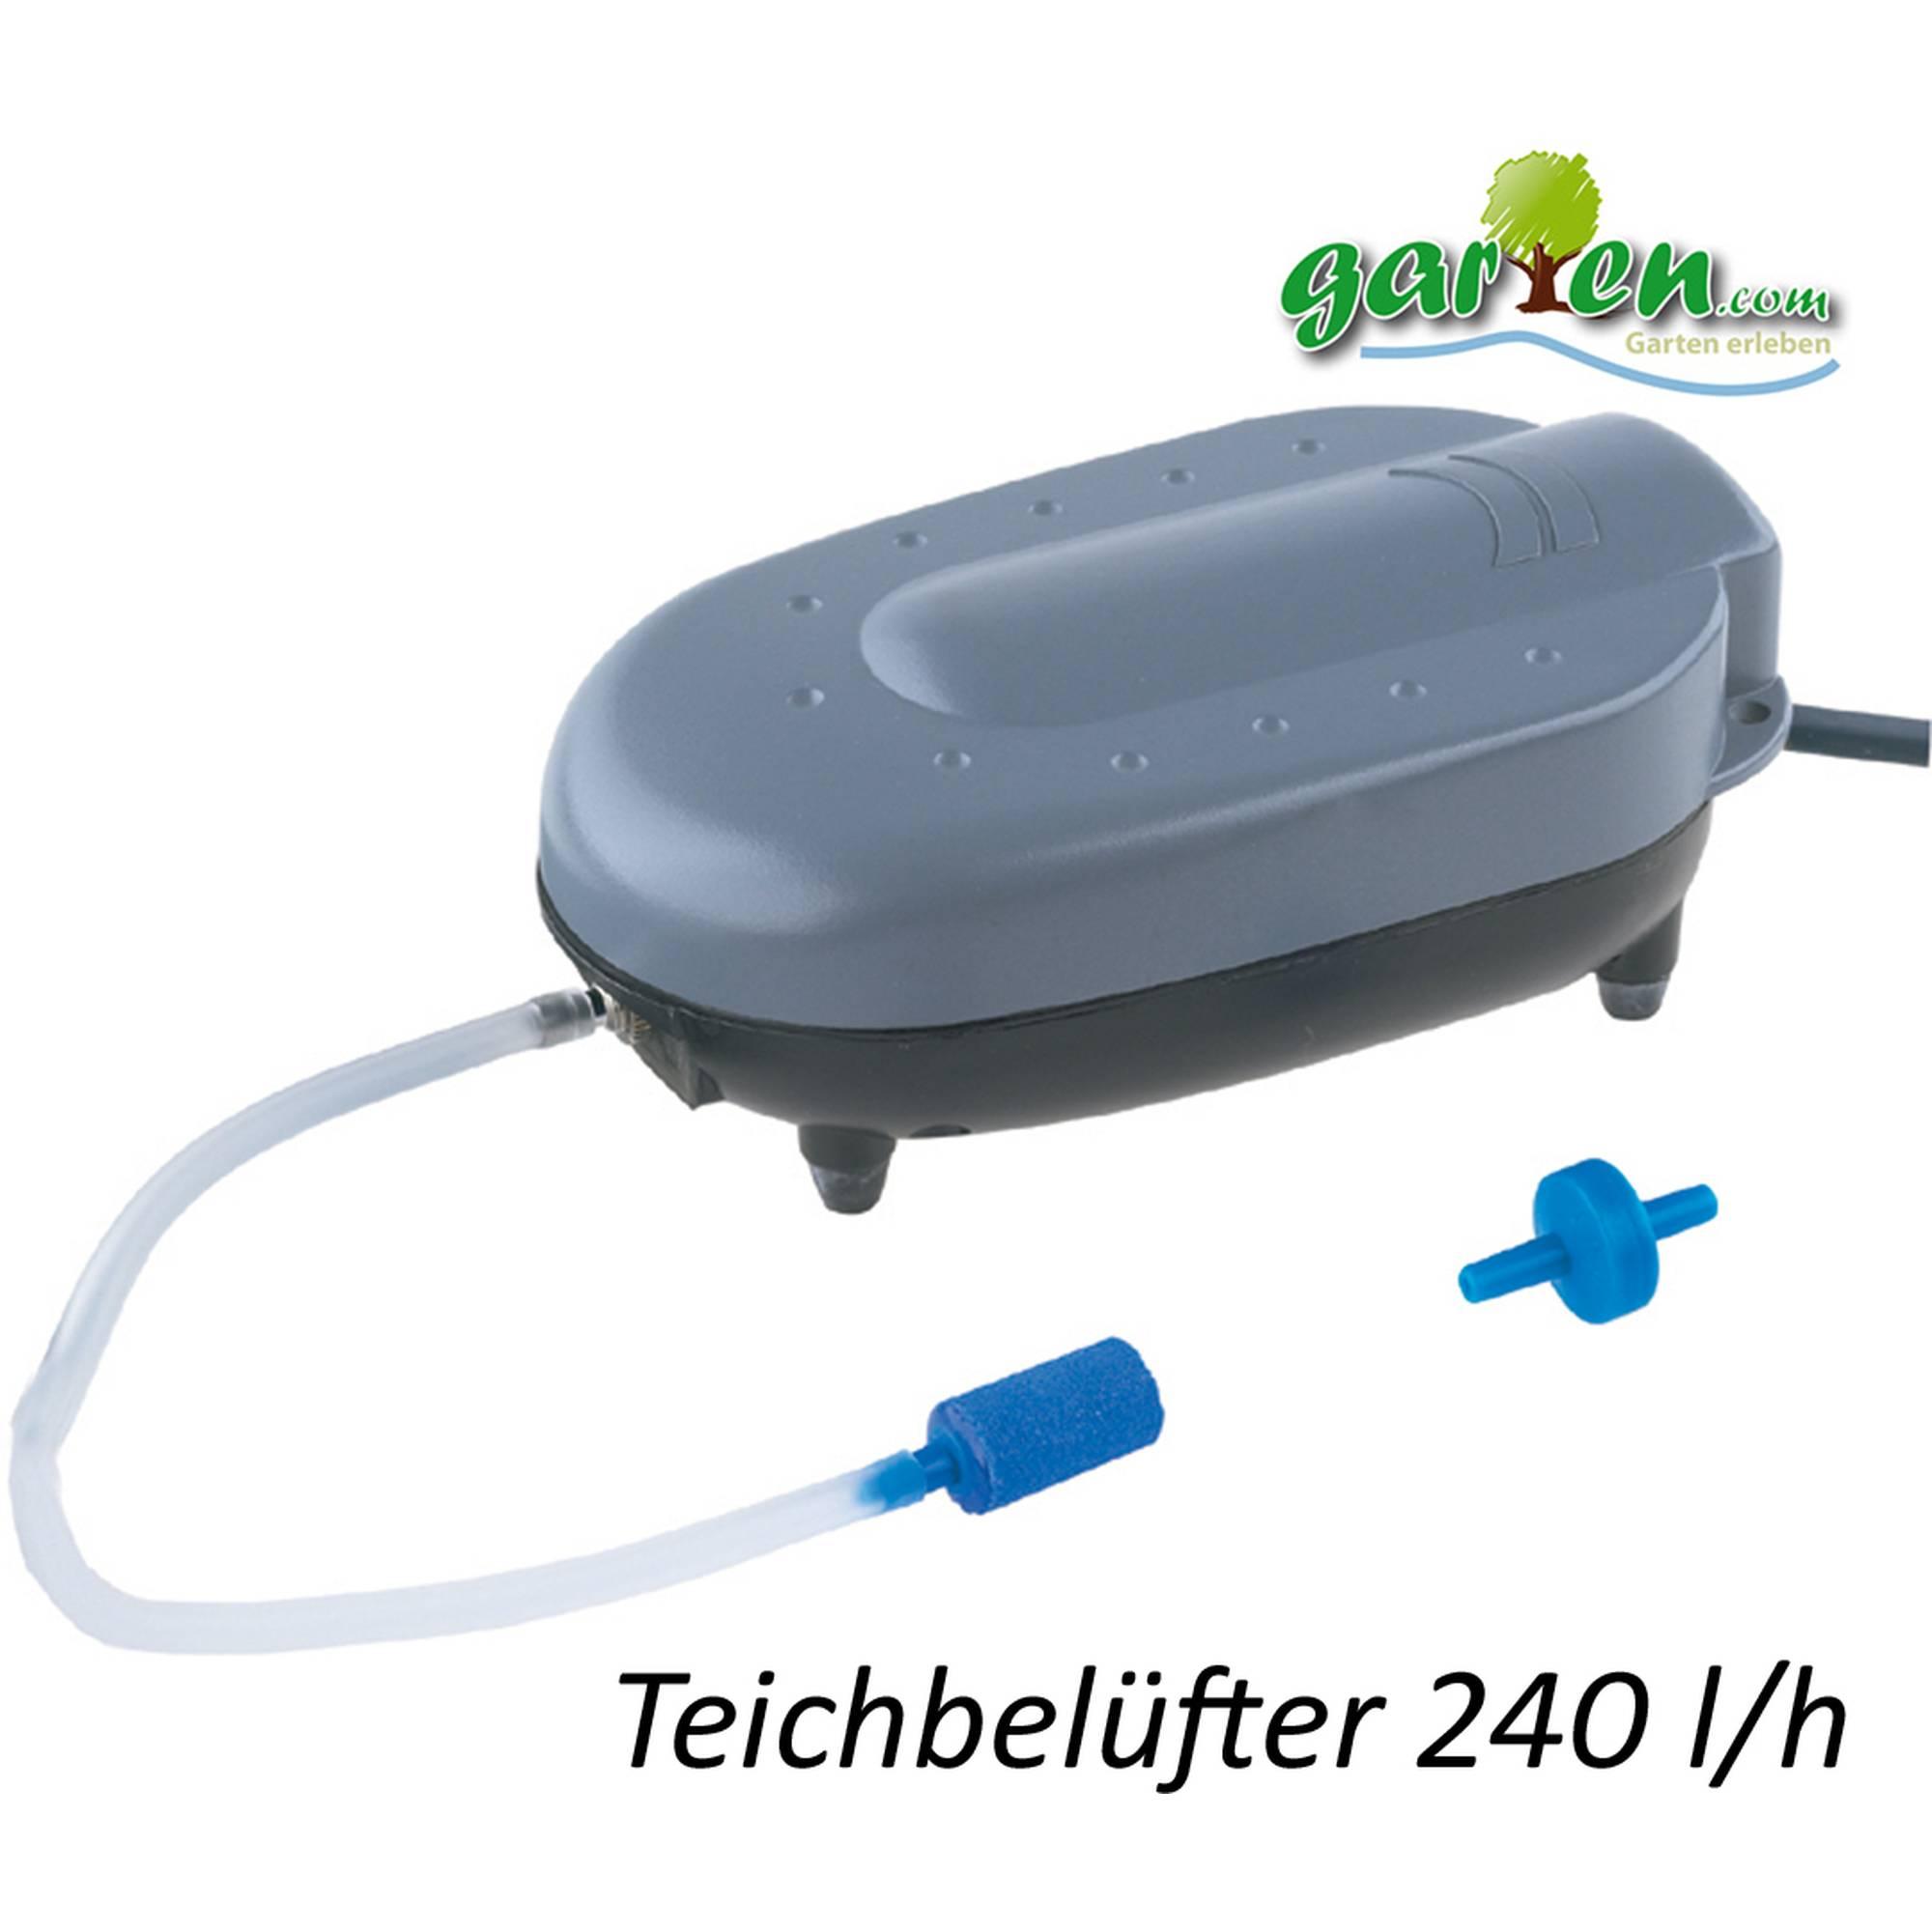 Teichbelüfter Belüfter-Pumpe Outdoor von Heissner